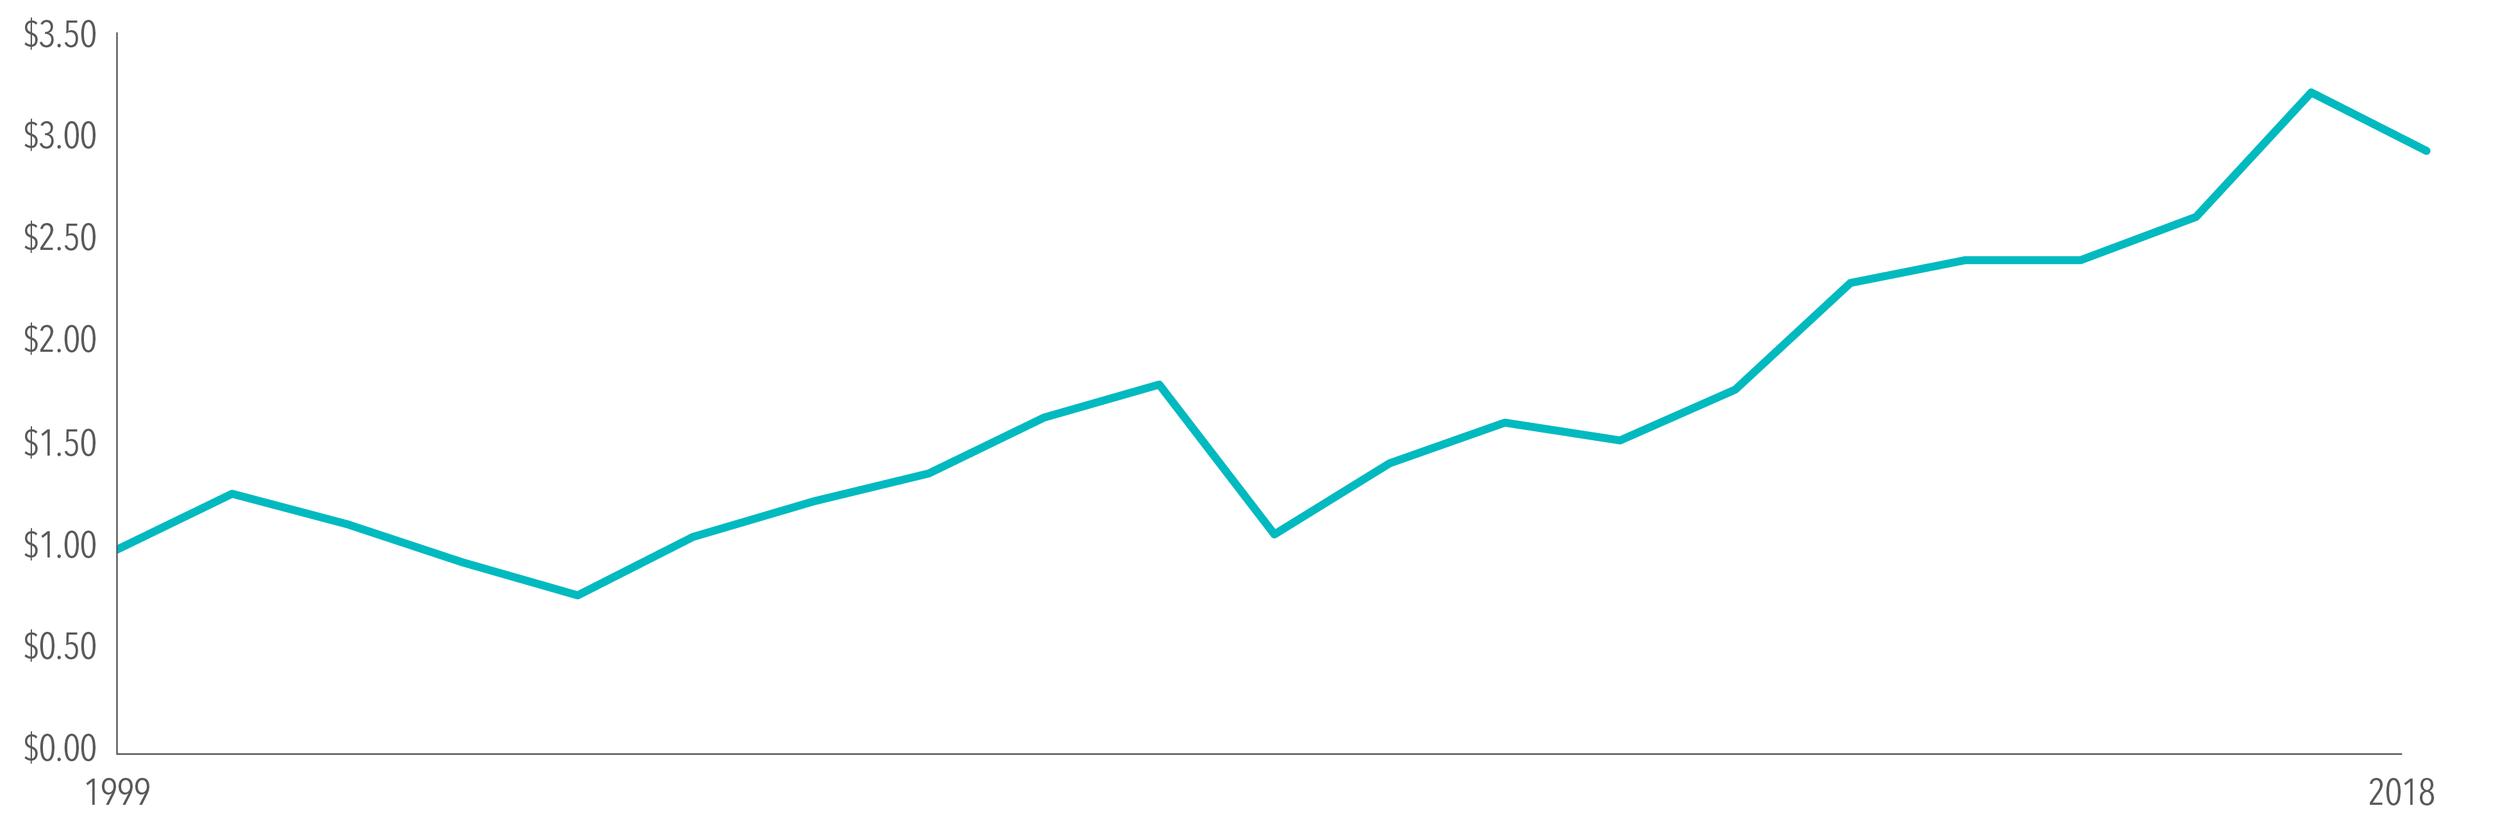 EXHIBIT 4. Growth of $1 1999-2018